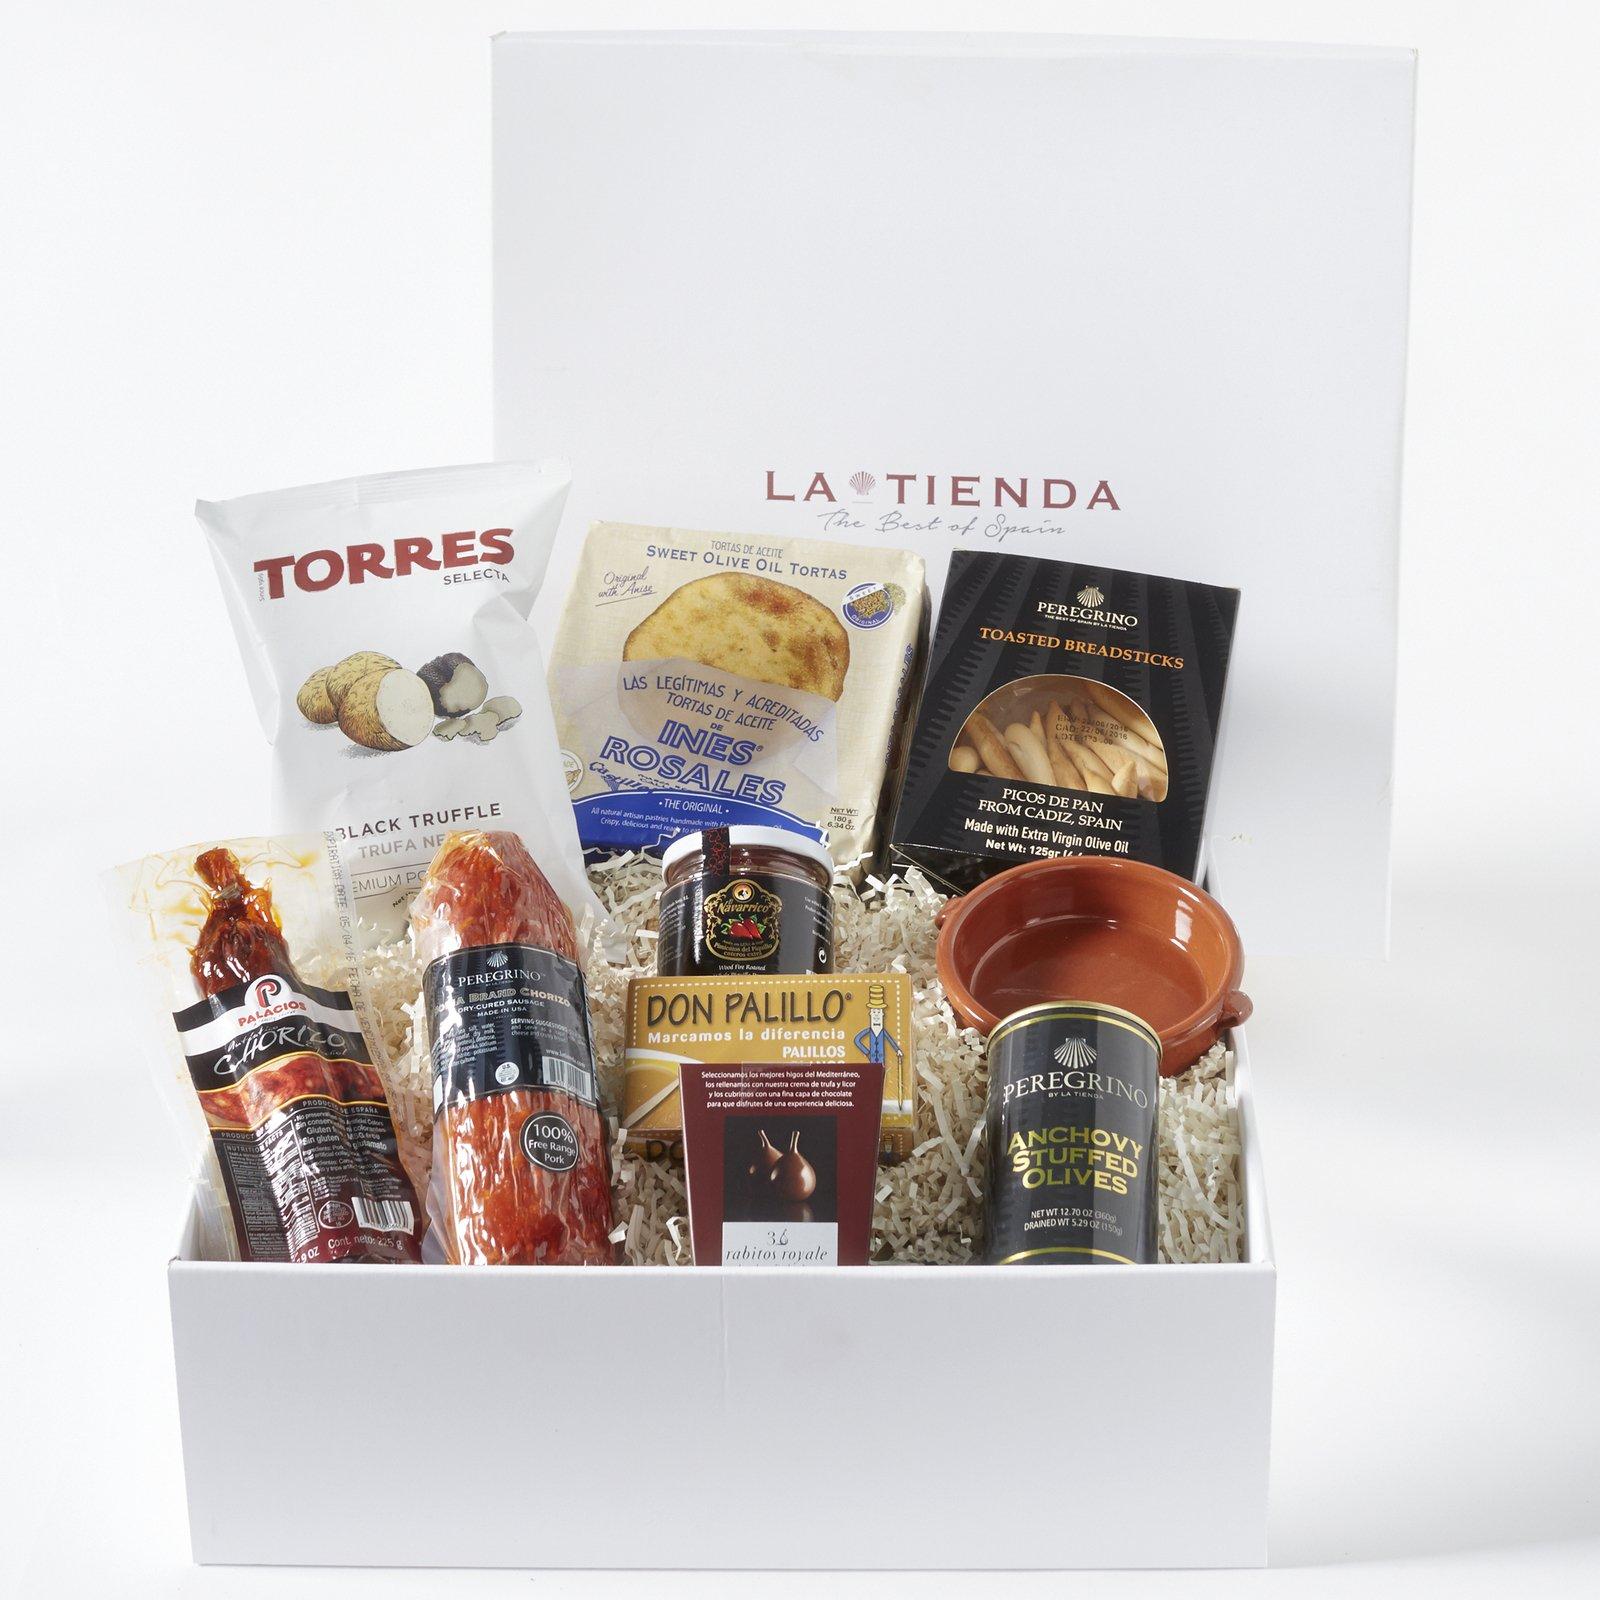 La Tienda Entertaining Gift Box - Gourmet Tapas